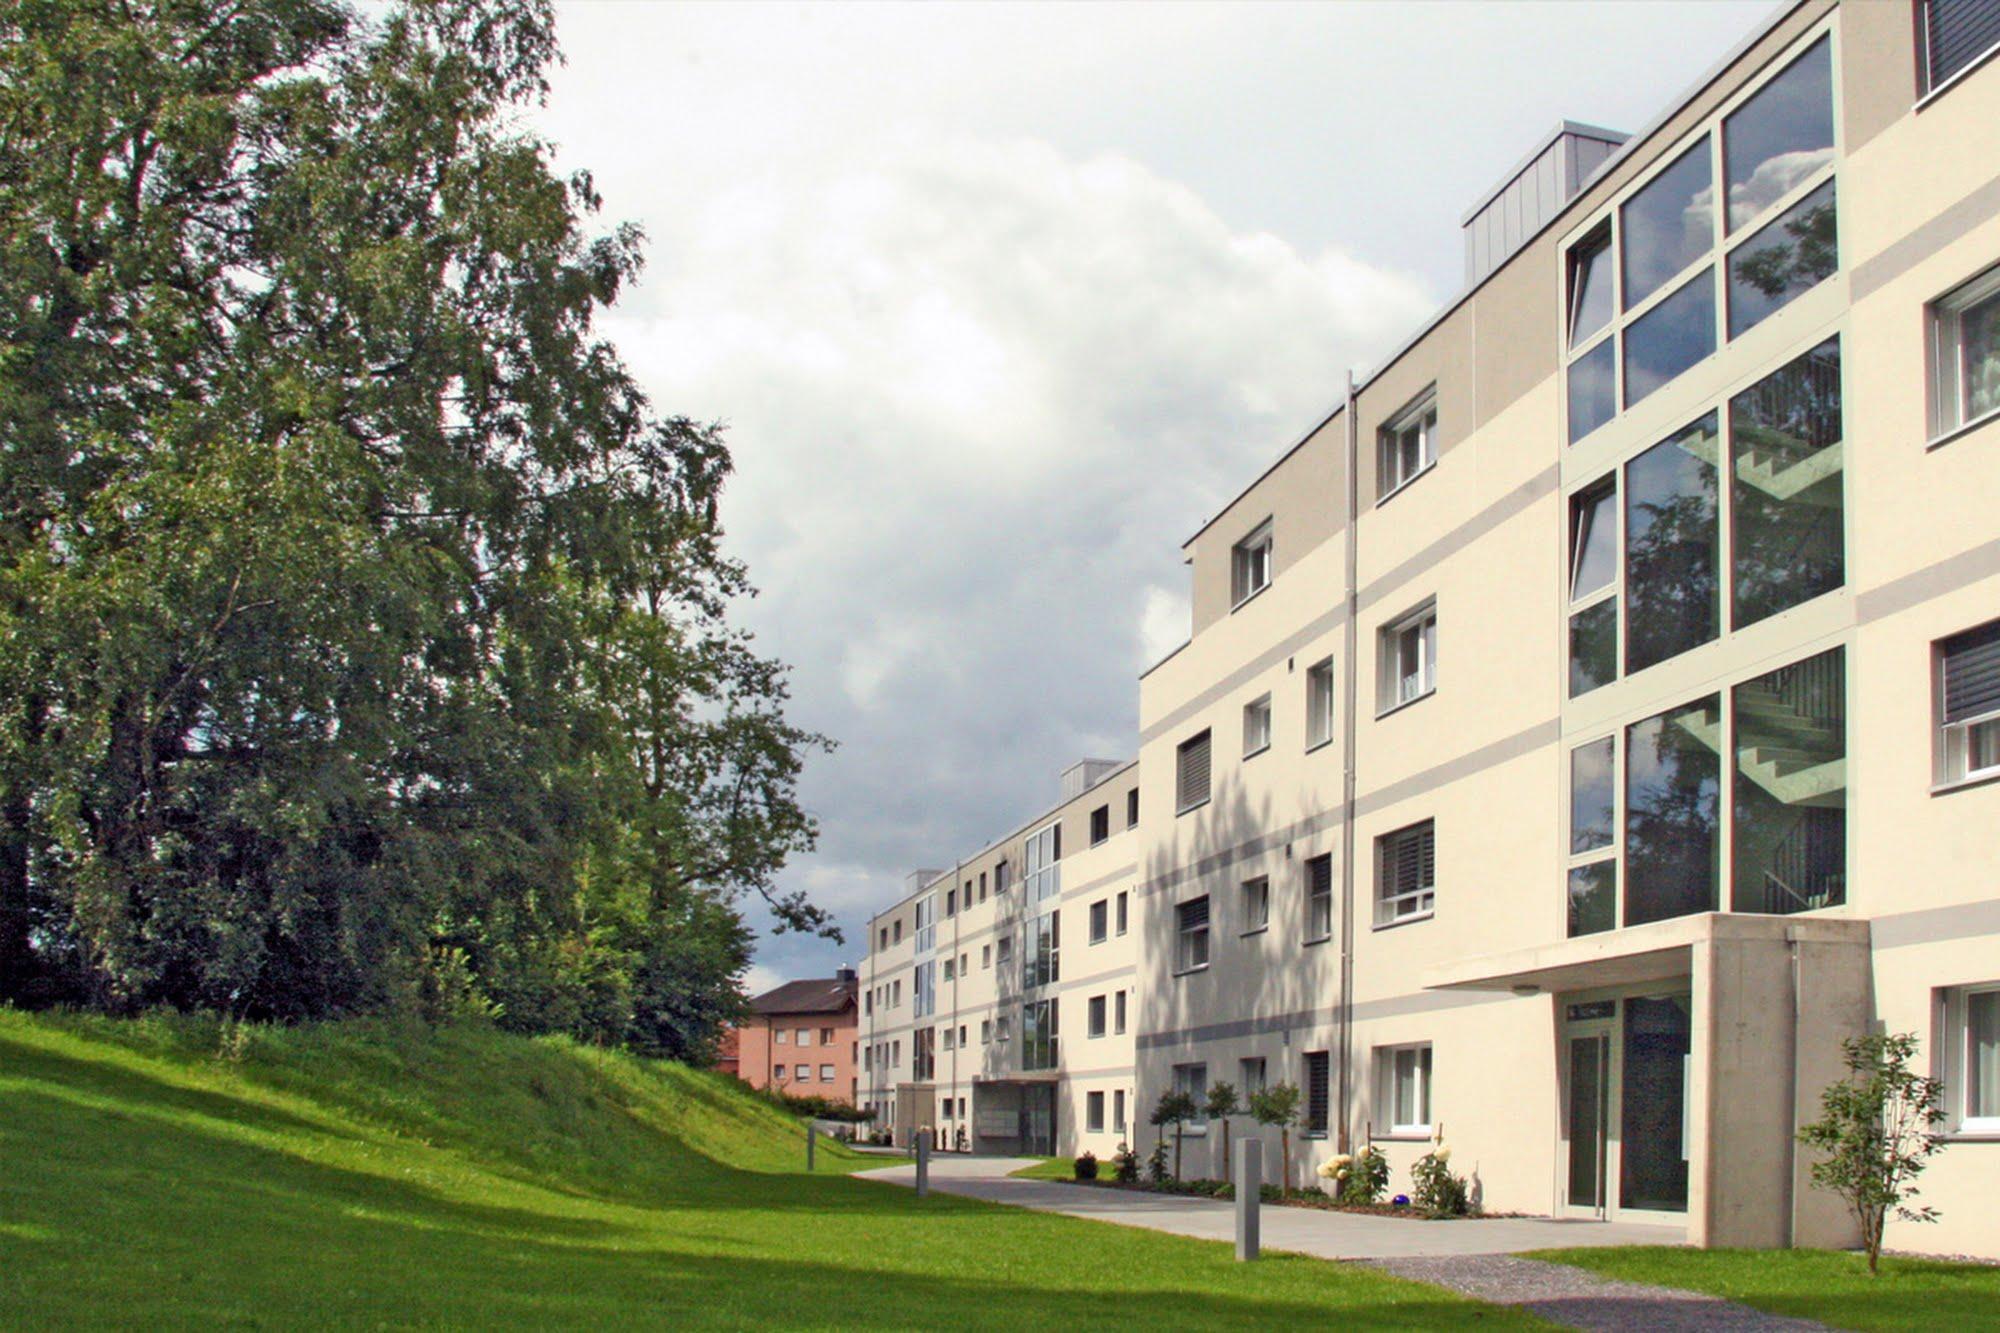 Wohnen MFH Überbauung Arigstrasse Architektur,Wohnungsbau,Wohnhäuser,Einfamilienhäuser,Mehrfamilienhäuser